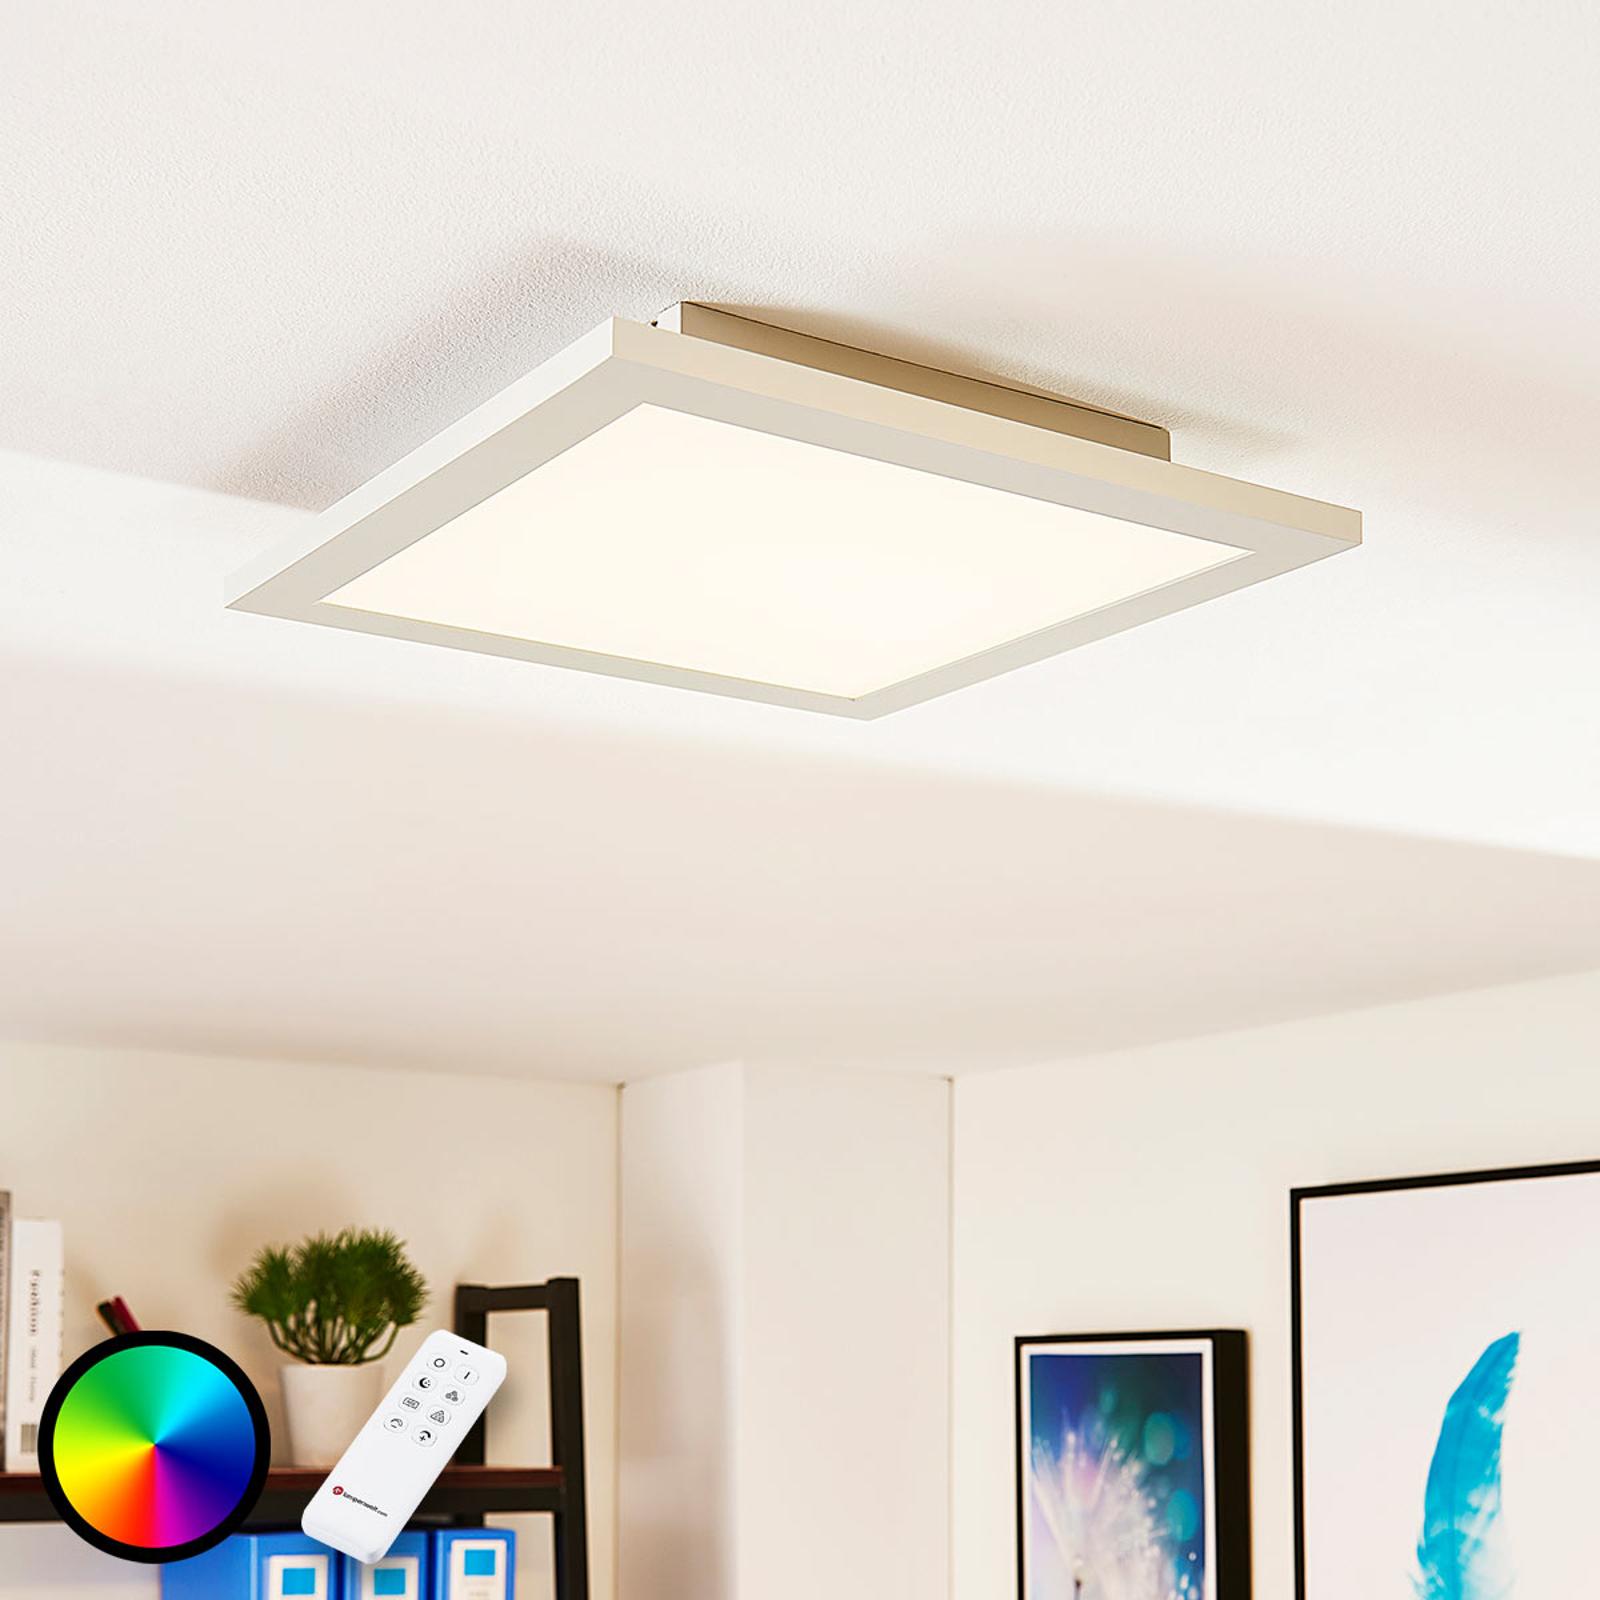 Arcchio Tinus pannello LED, RGB, 29,5 cm x 29,5 cm